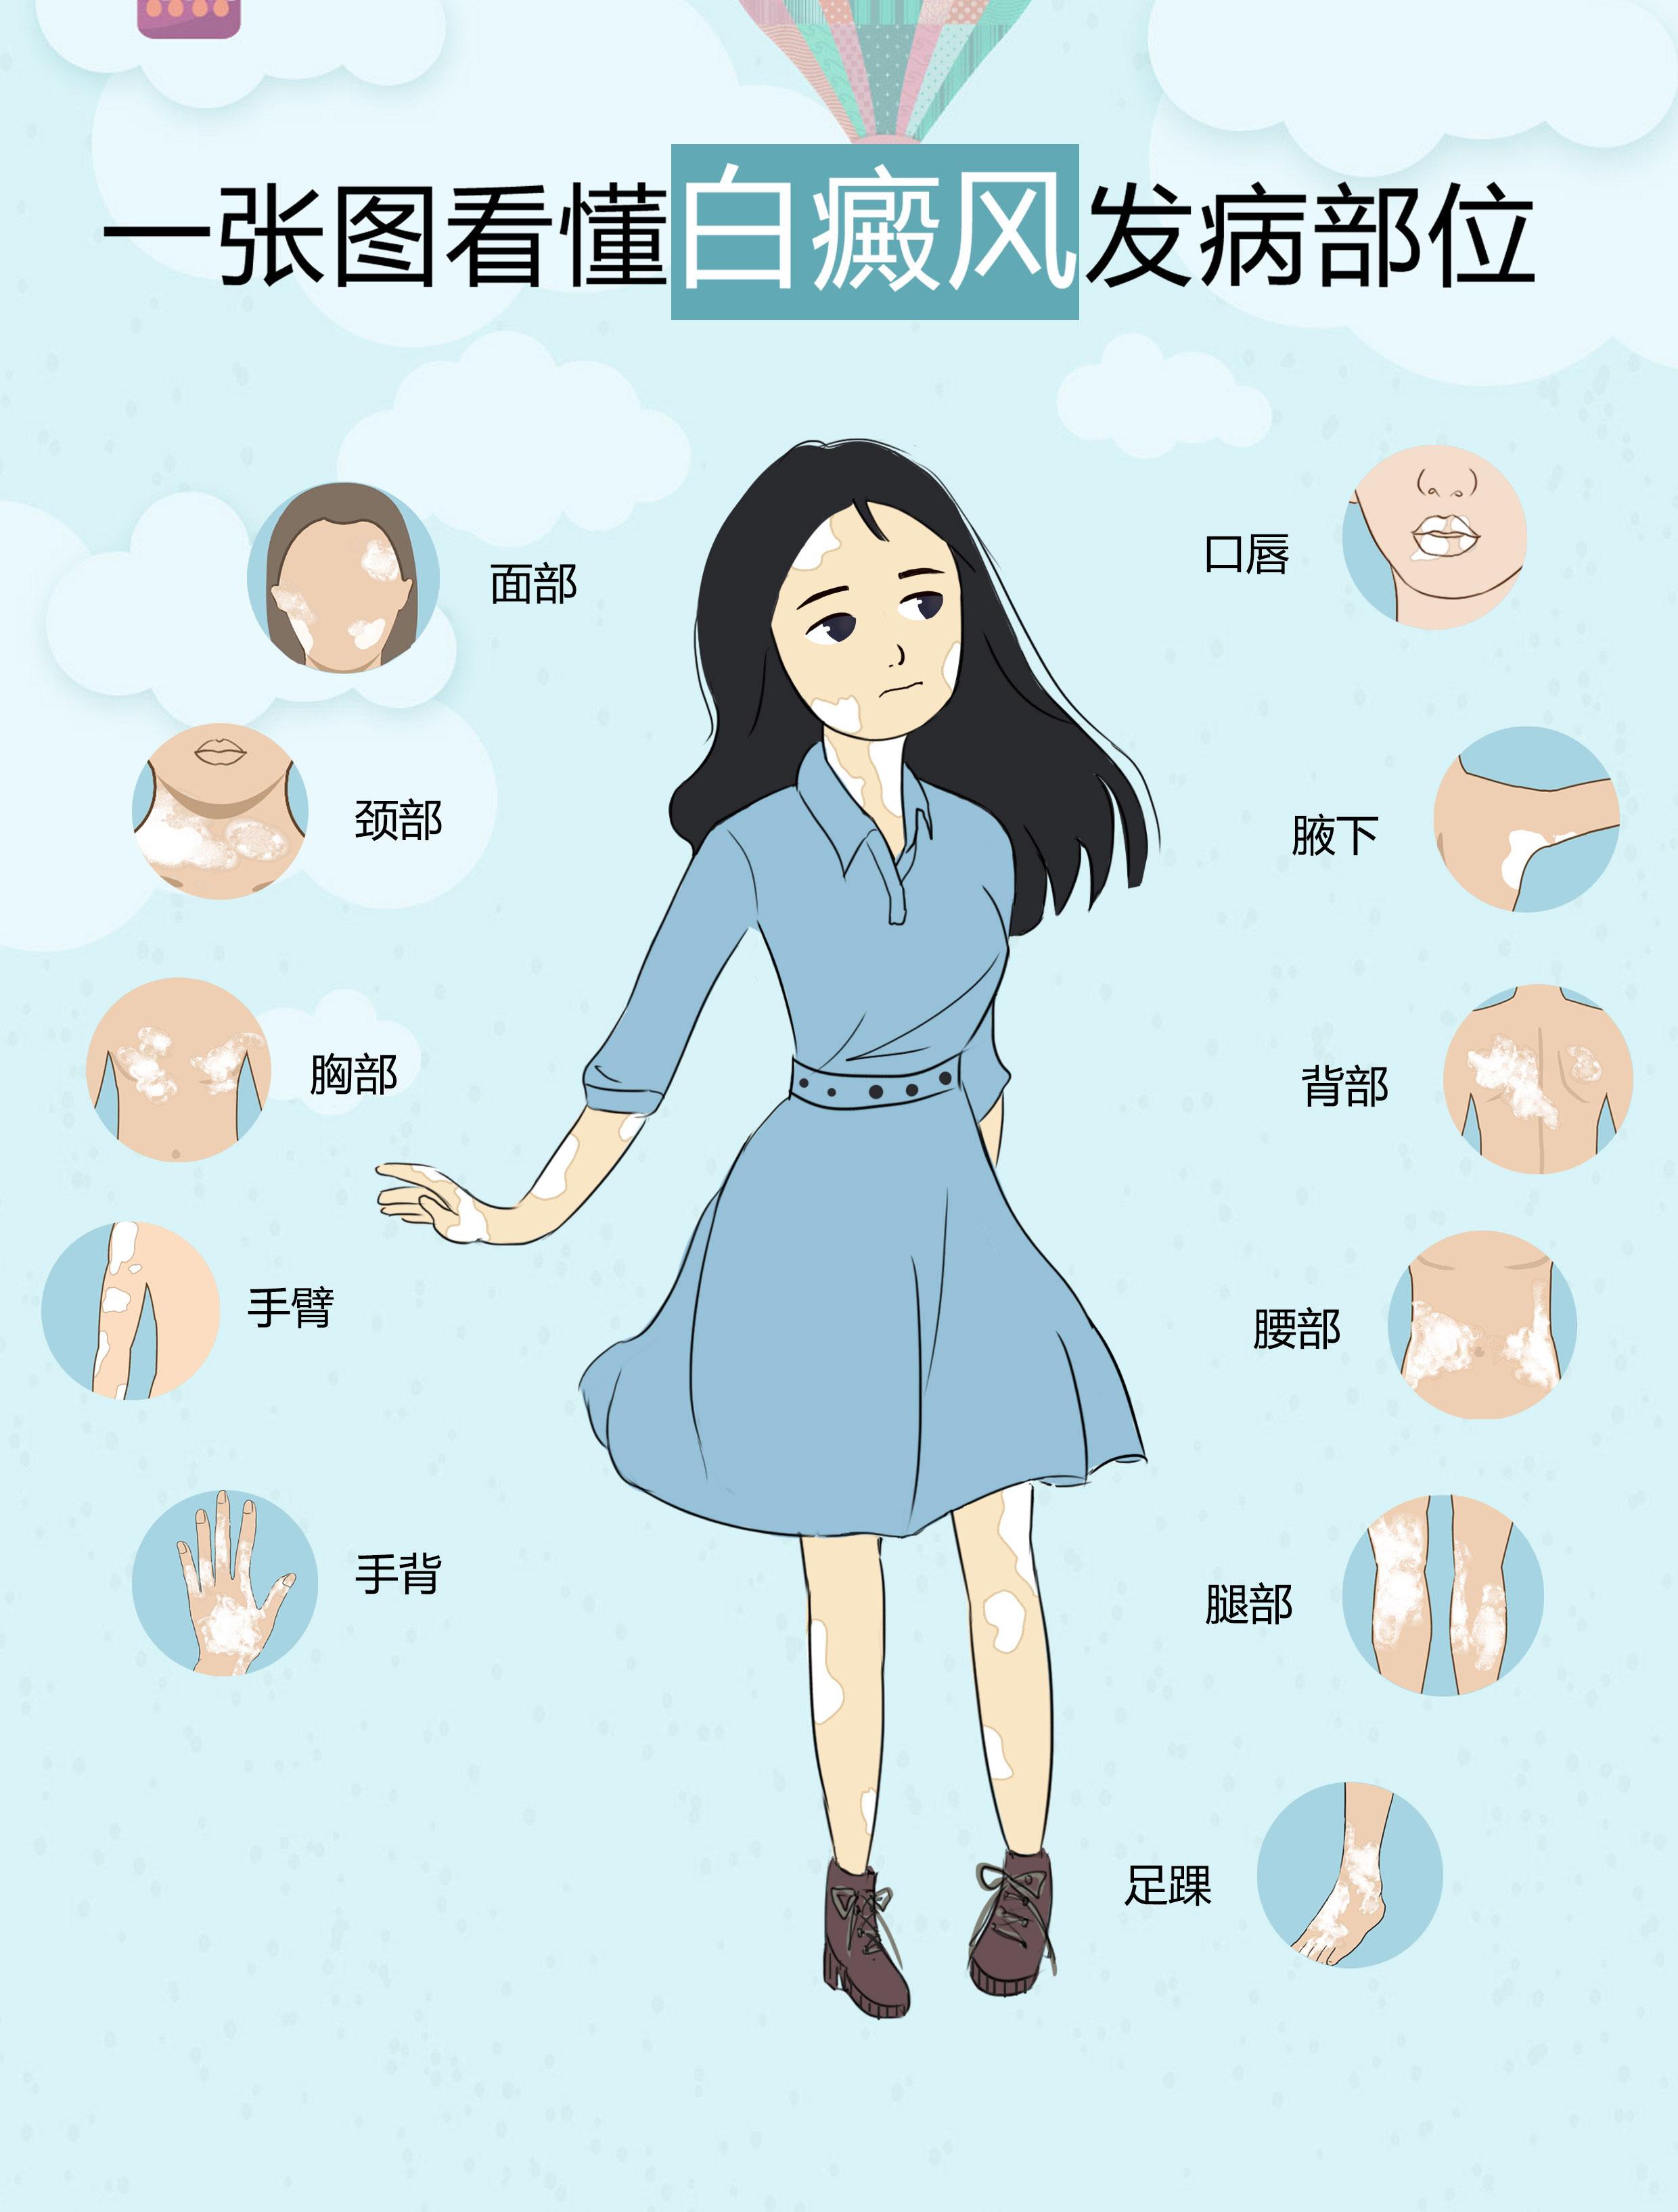 白癜风有哪些比较常见的发病部位呢